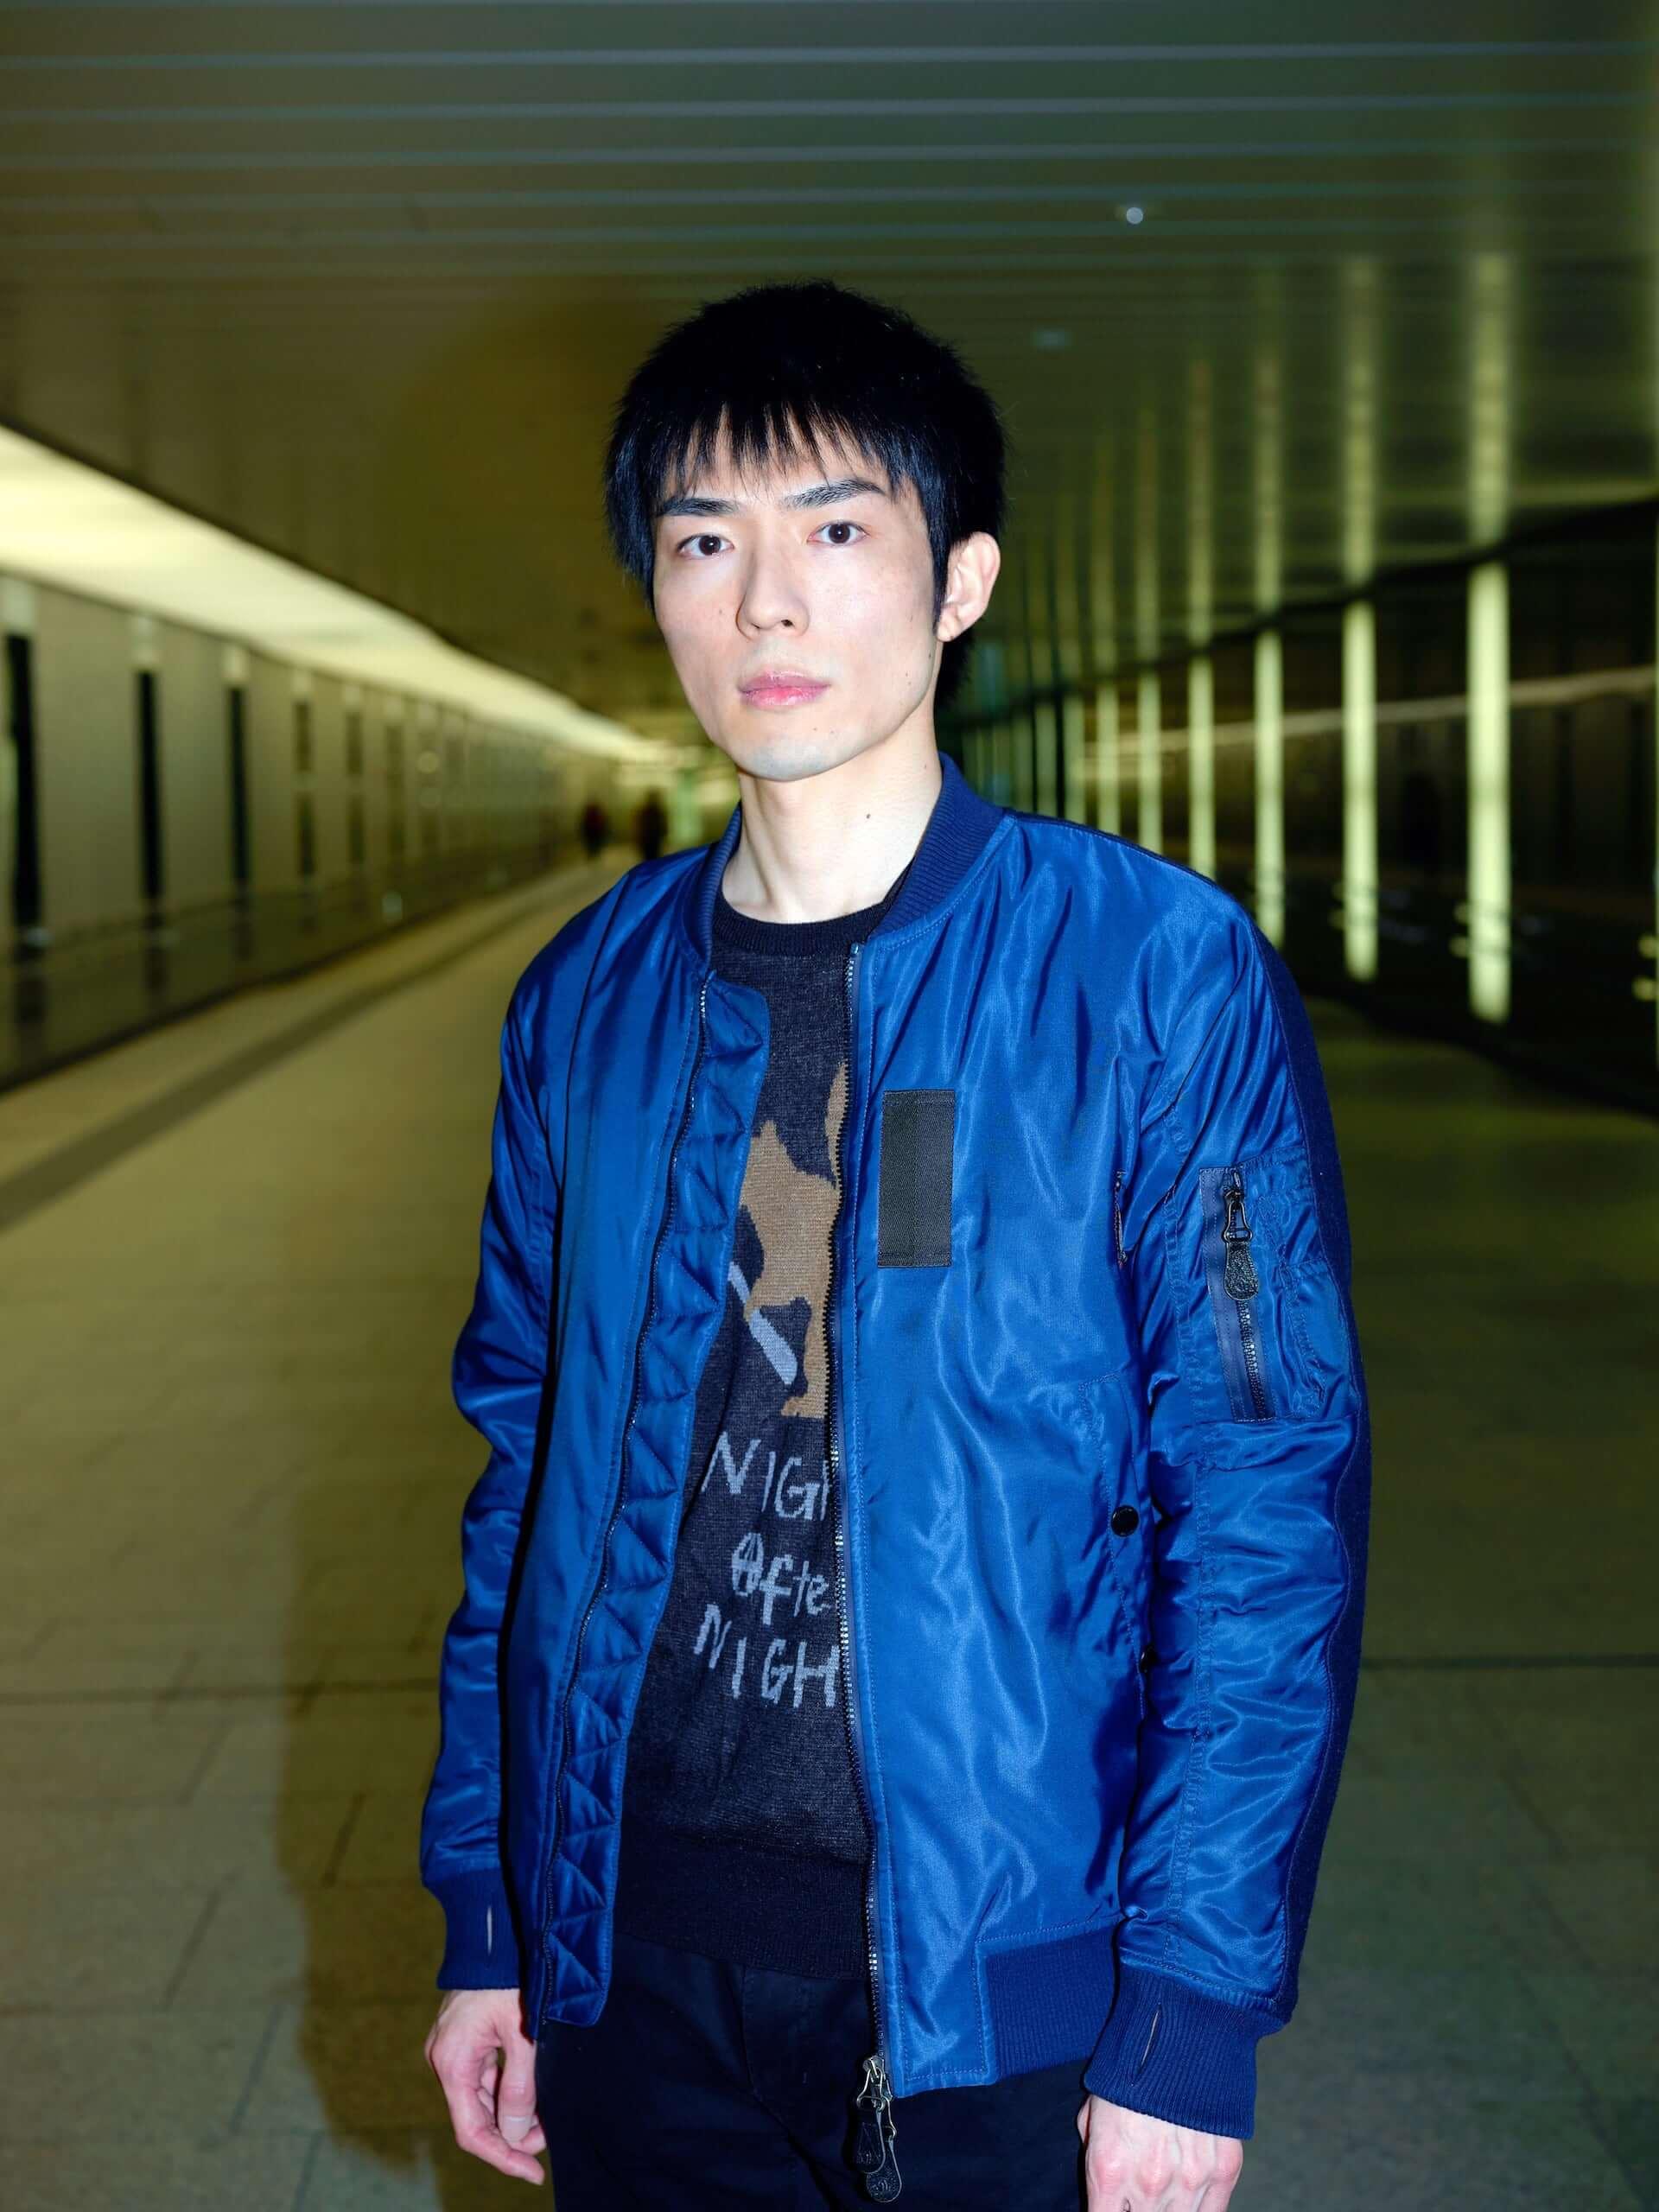 静岡の泊まれる公園「INN THE PARK」にて野外フェス<DISTANCE>が開催決定!DJ Nobu、Soichi Terada、Mars89、Jun Kamodaらが出演 music201006_distance2020_6-1920x2560